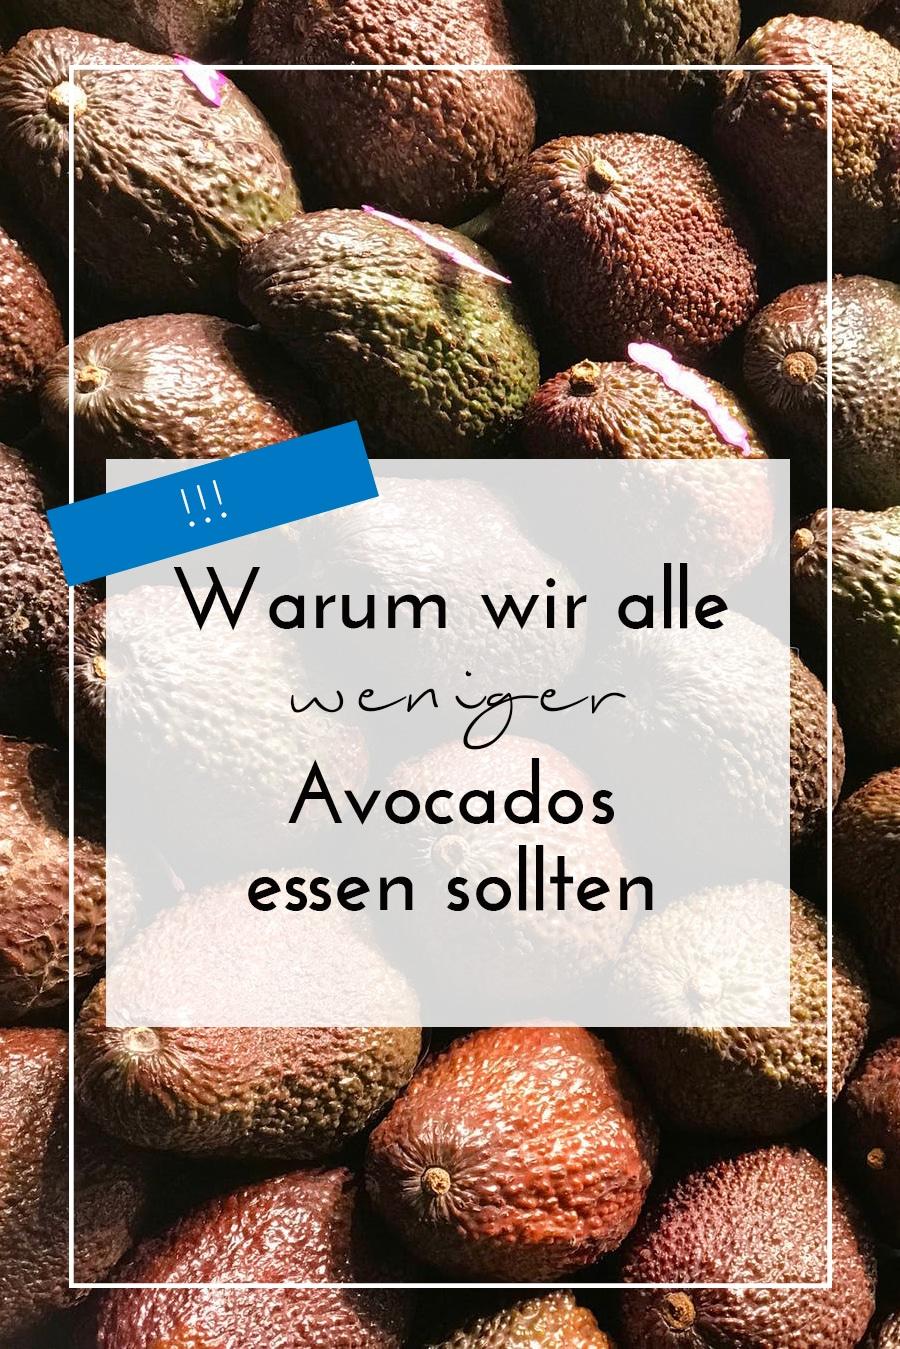 Warum wir weniger Avocados essen sollten